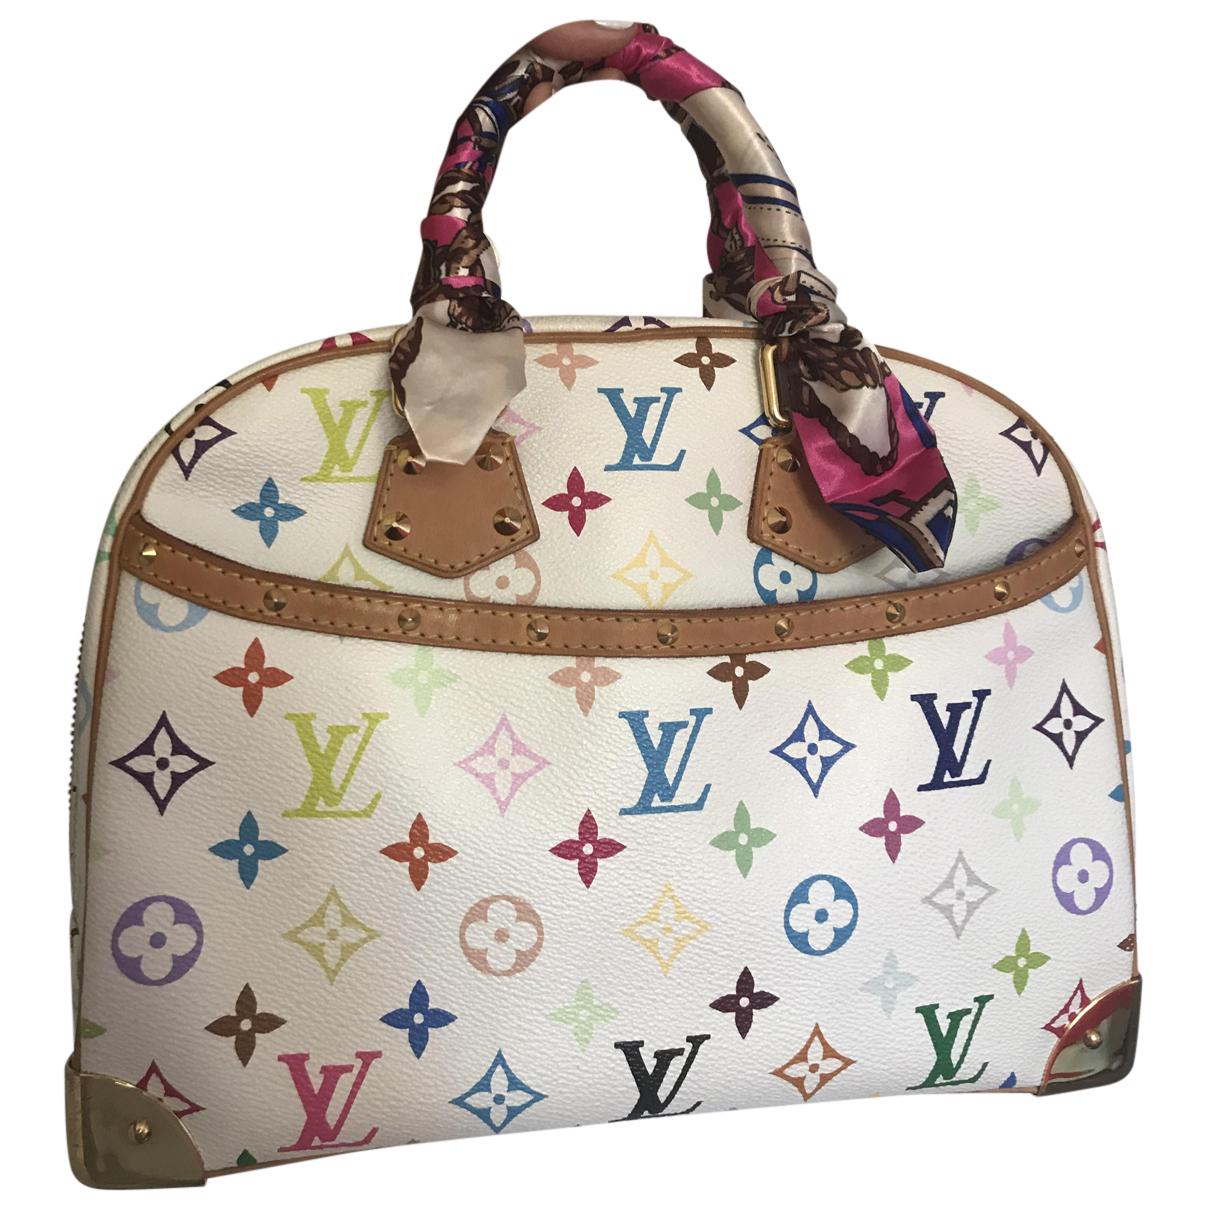 Louis Vuitton - Sac a main Trouville pour femme en toile - blanc